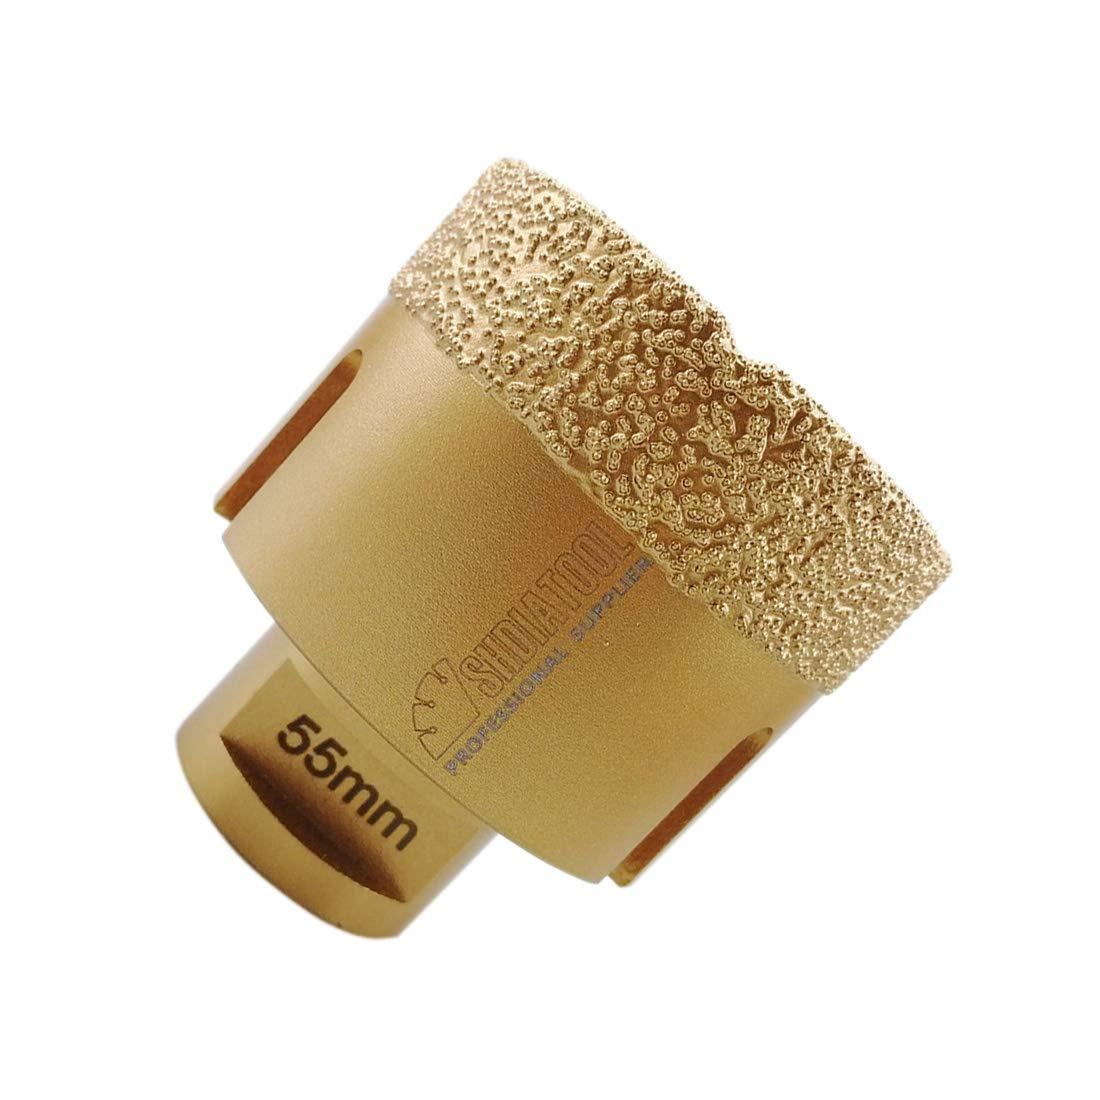 SHDIATOOL Broca de Diamante 35MM Vac/ío Soldadura para Perforaci/ón en Seco Porcelana Azulejo Granito M/ármol M14